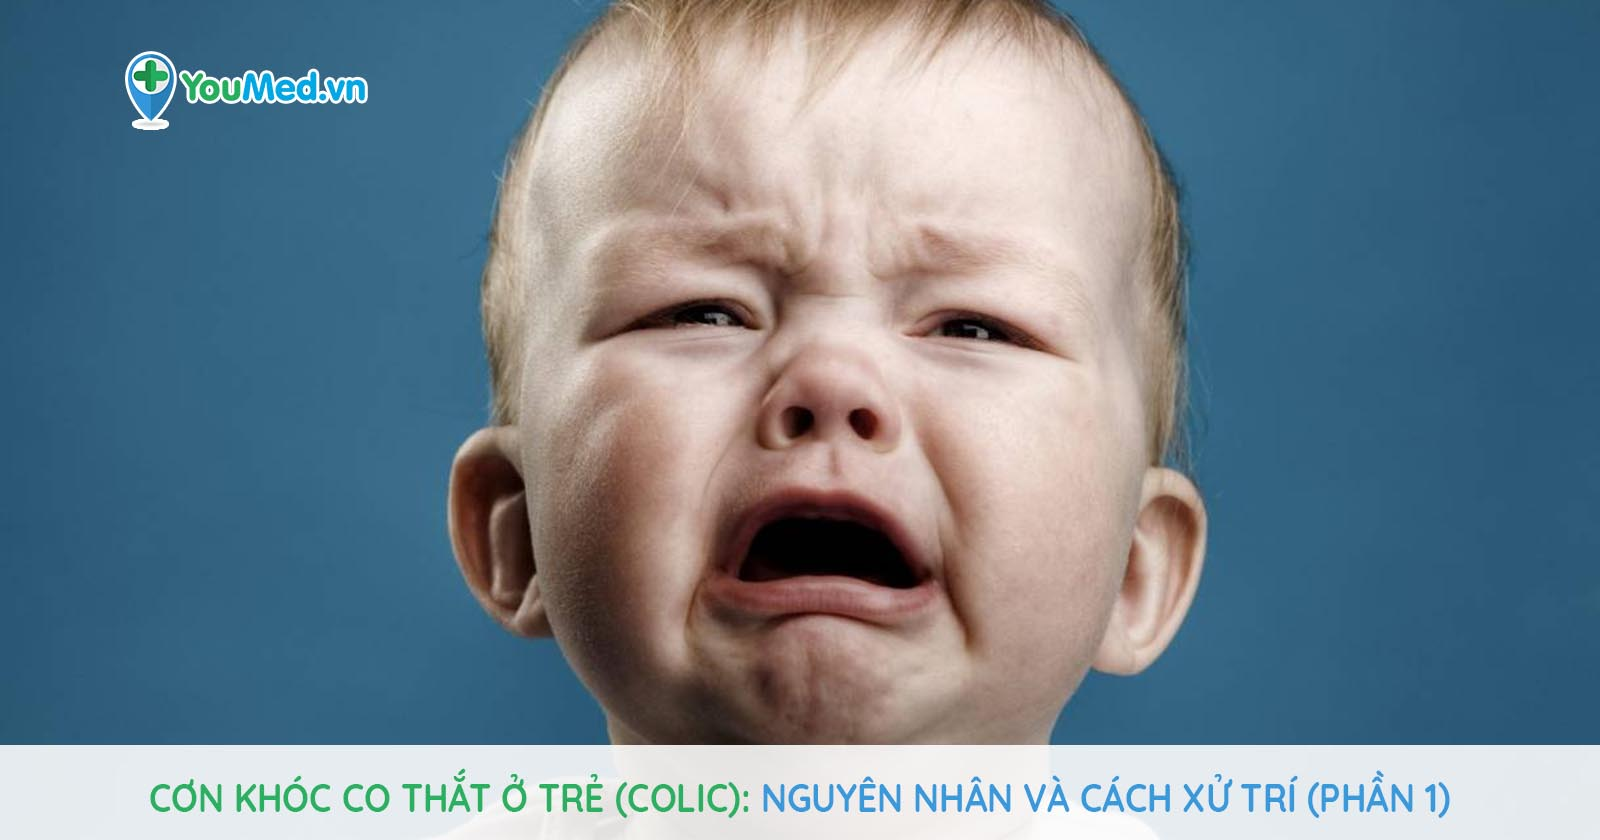 Cơn khóc co thắt ở trẻ (Colic): Nguyên nhân và cách xử trí (Phần 1)